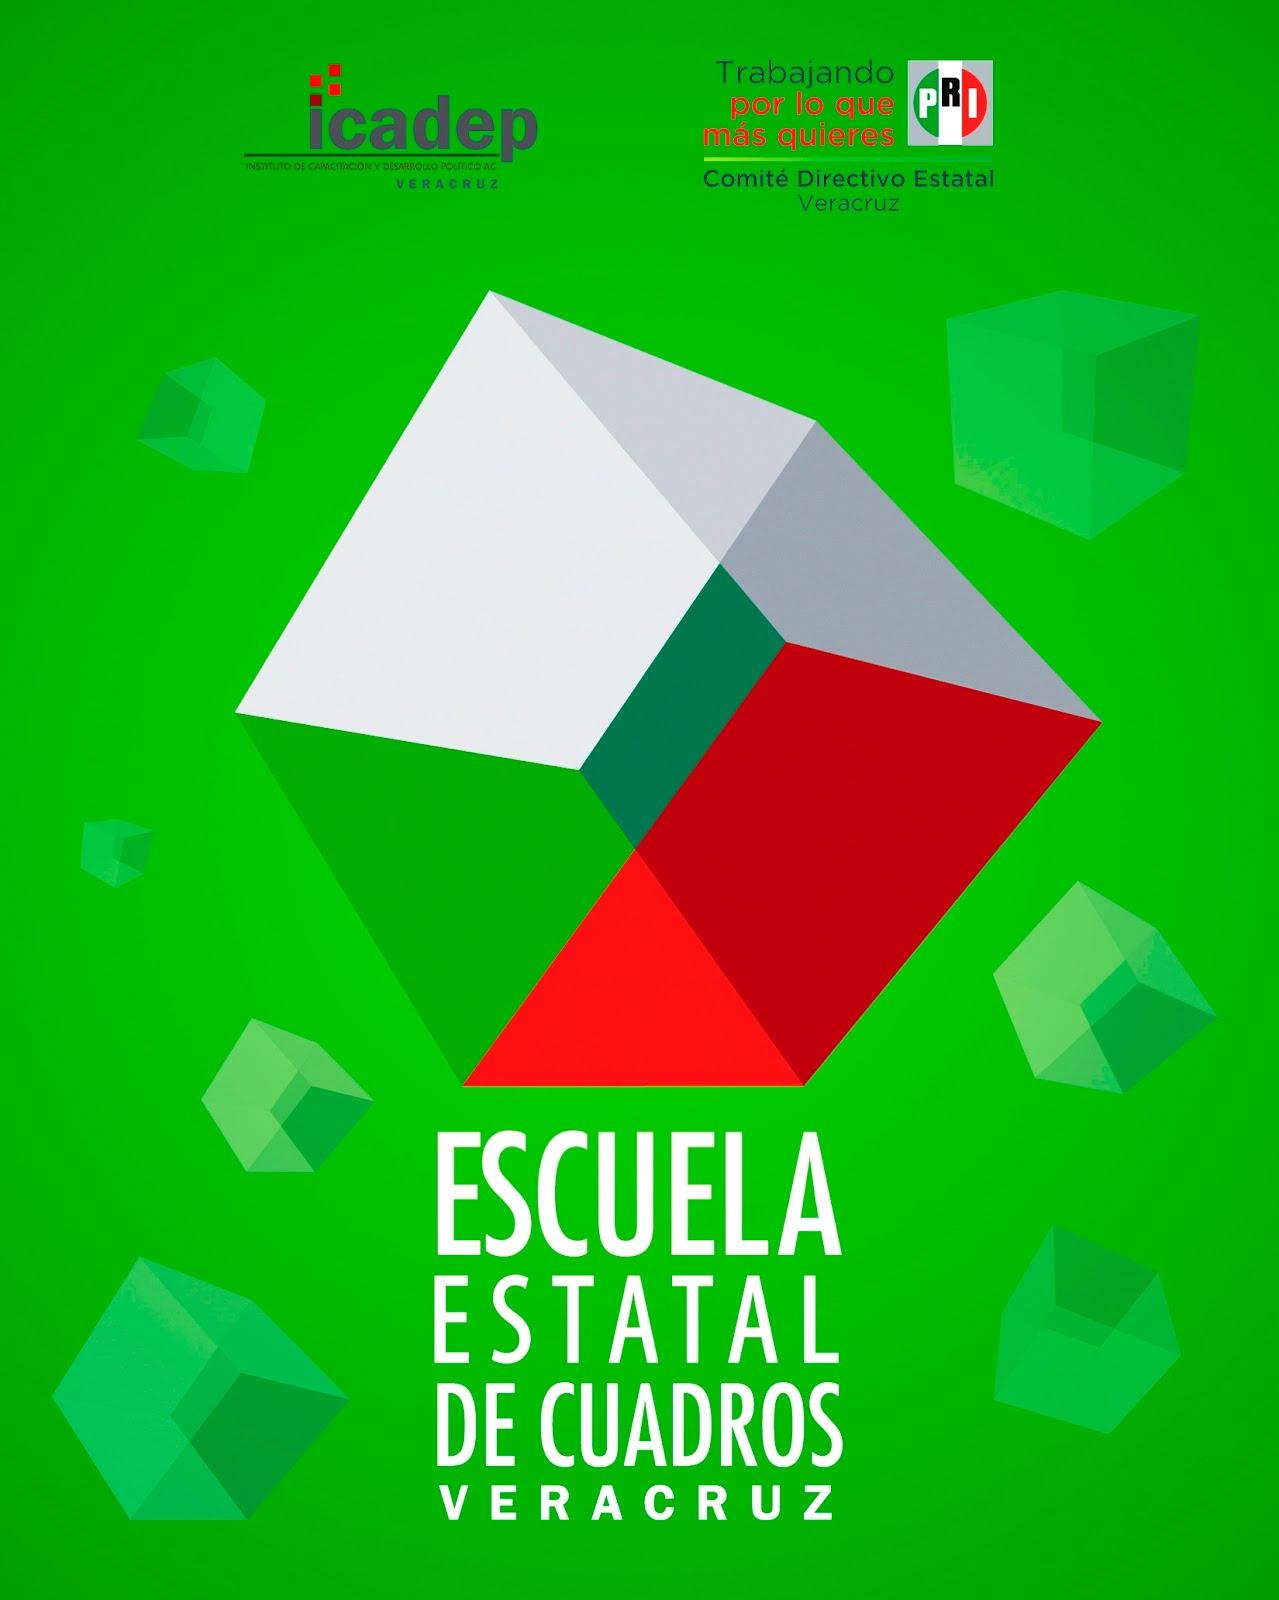 Escuela Estatal de Cuadros PRI Veracruz